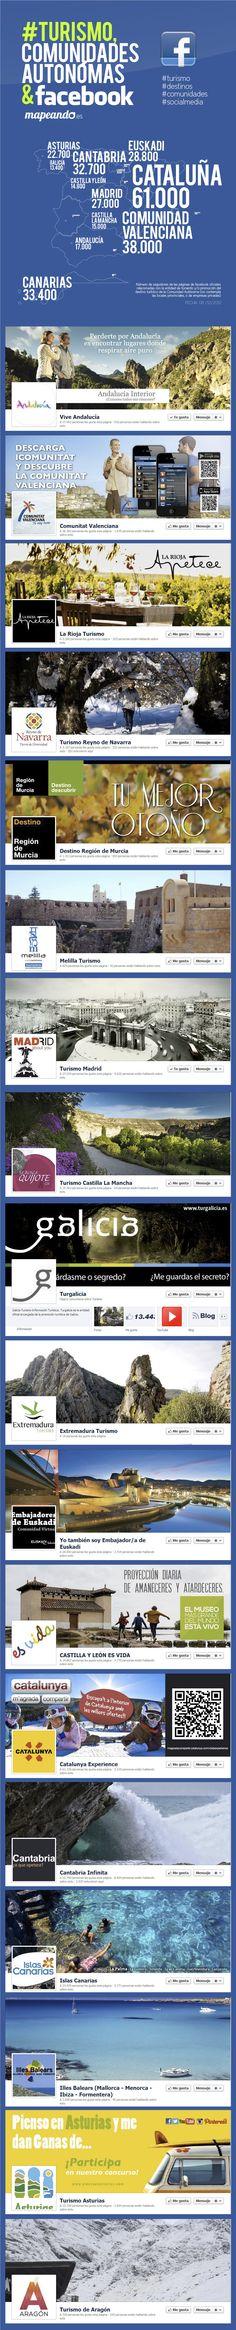 Mapa de destinos turísticos españoles según sus páginas de facebook